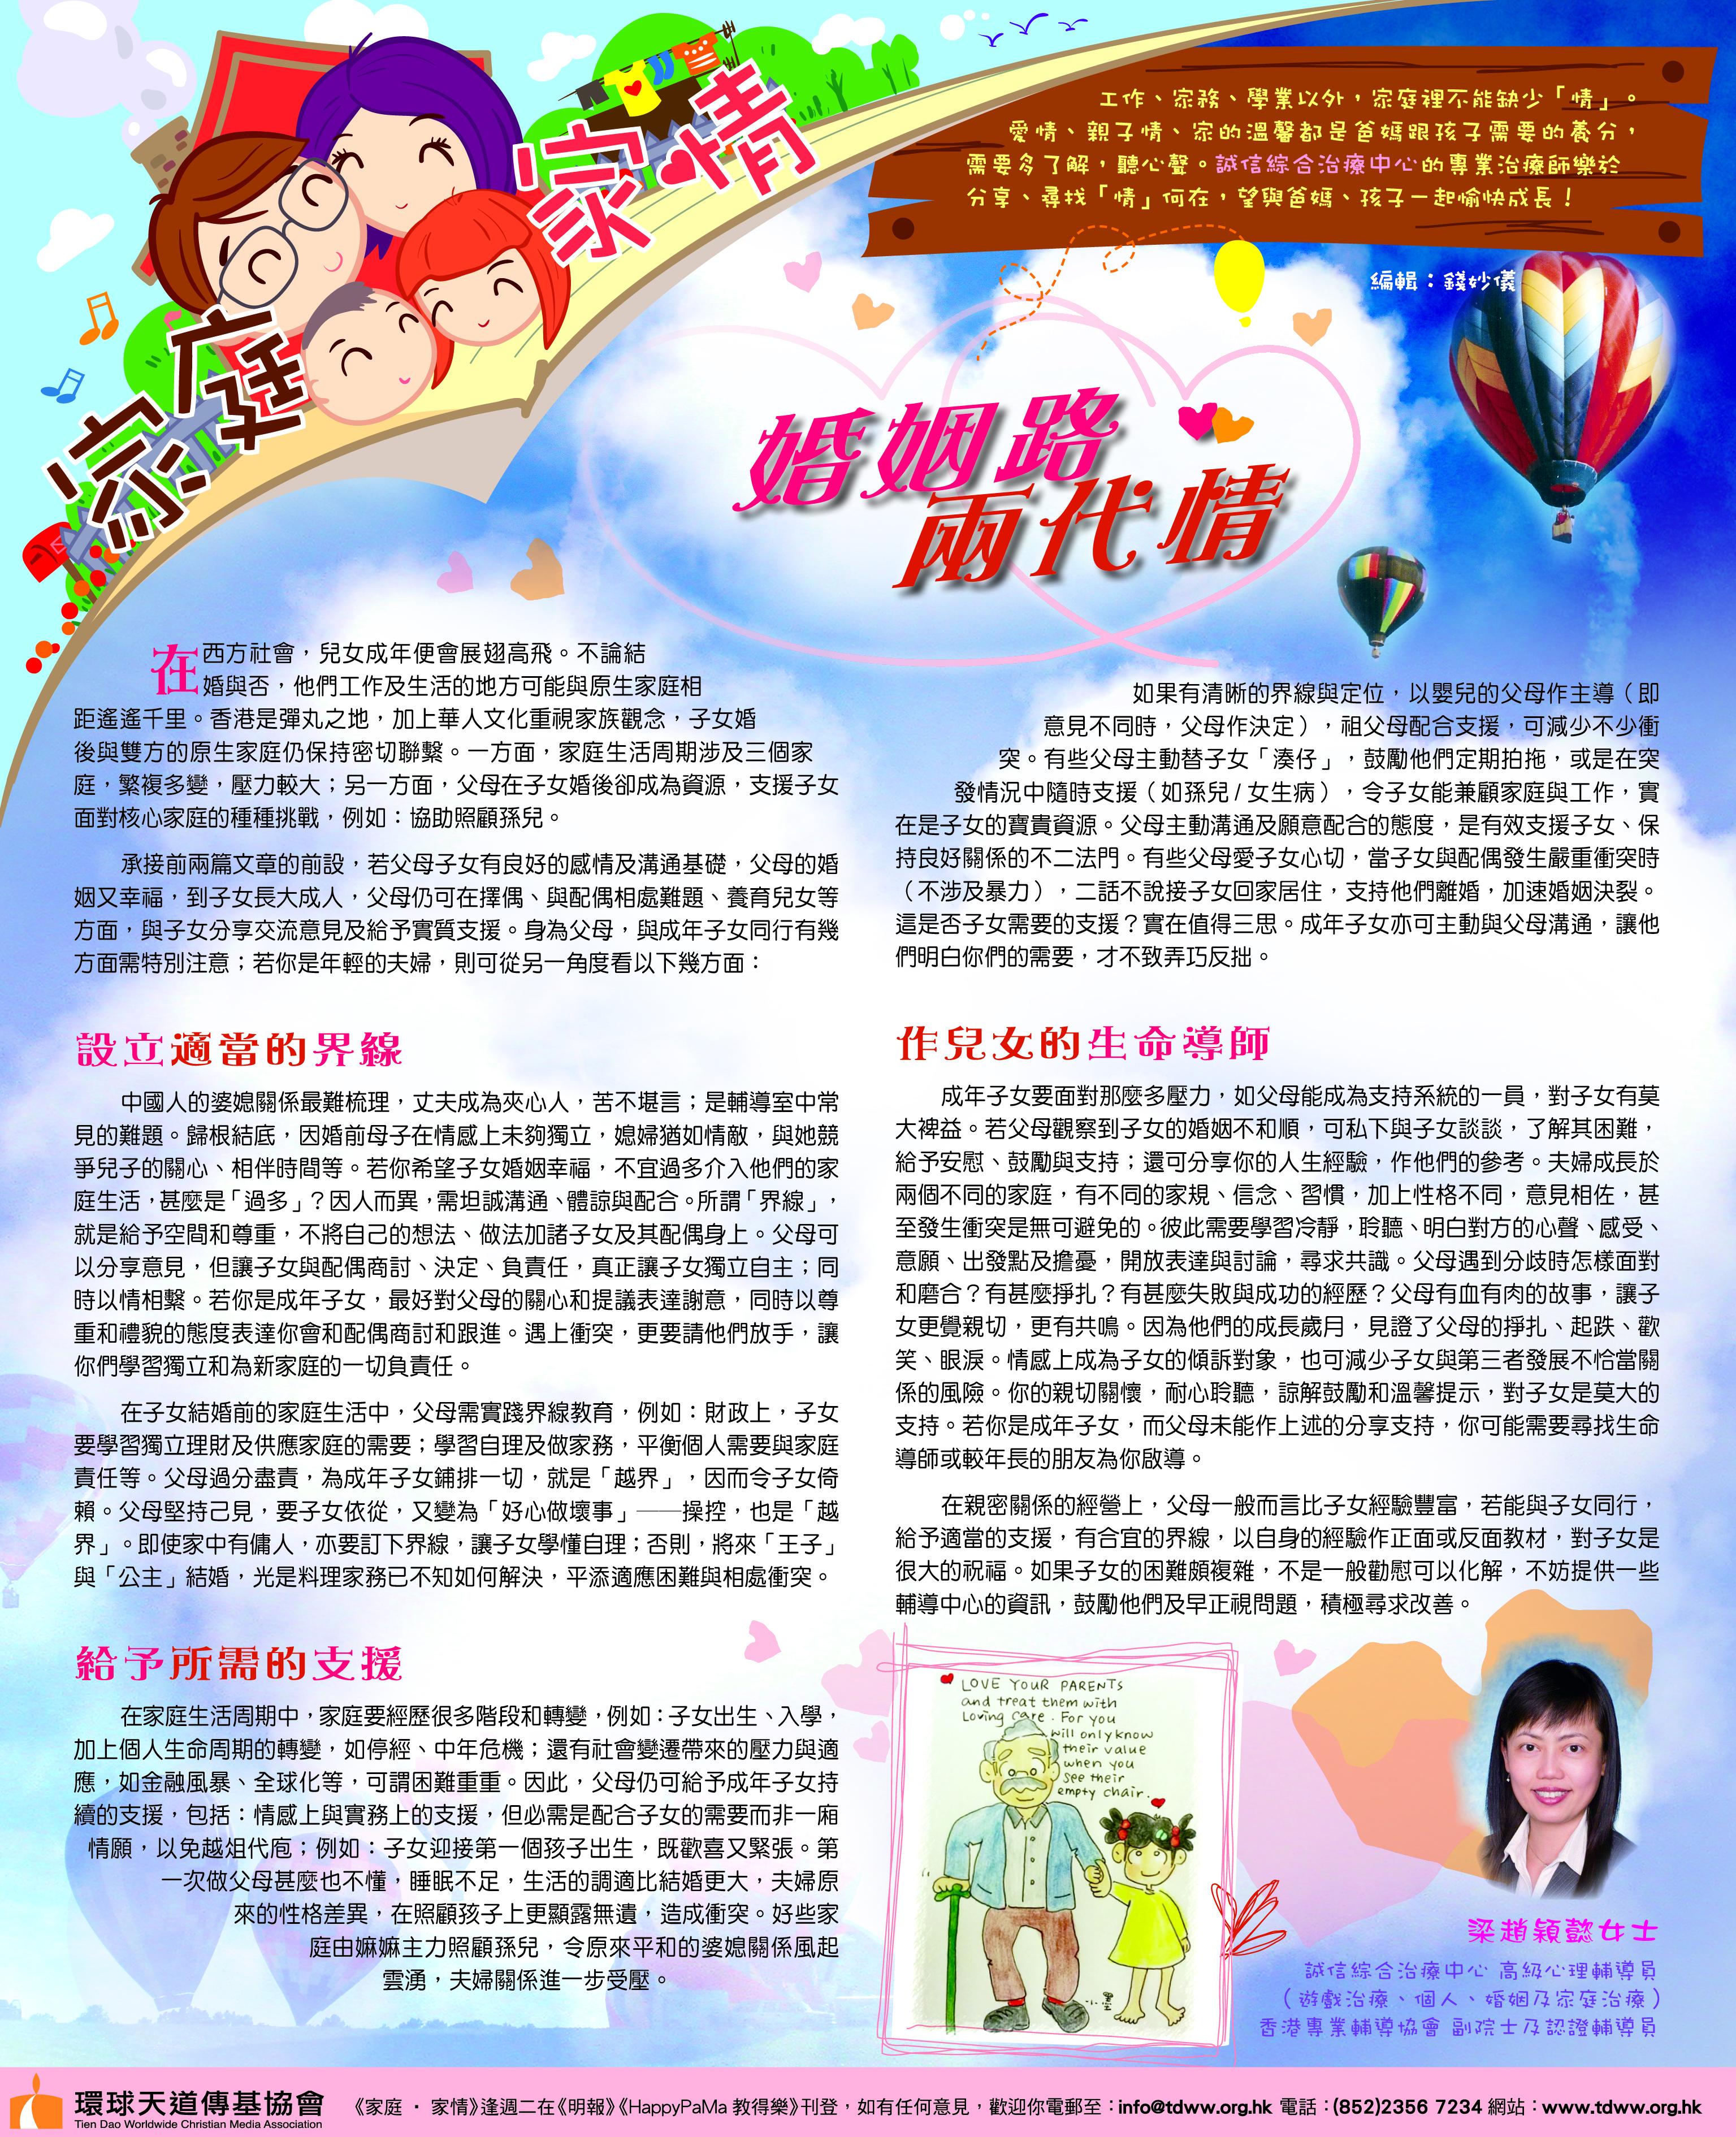 MingPao-05Jan-outputfinal.jpg